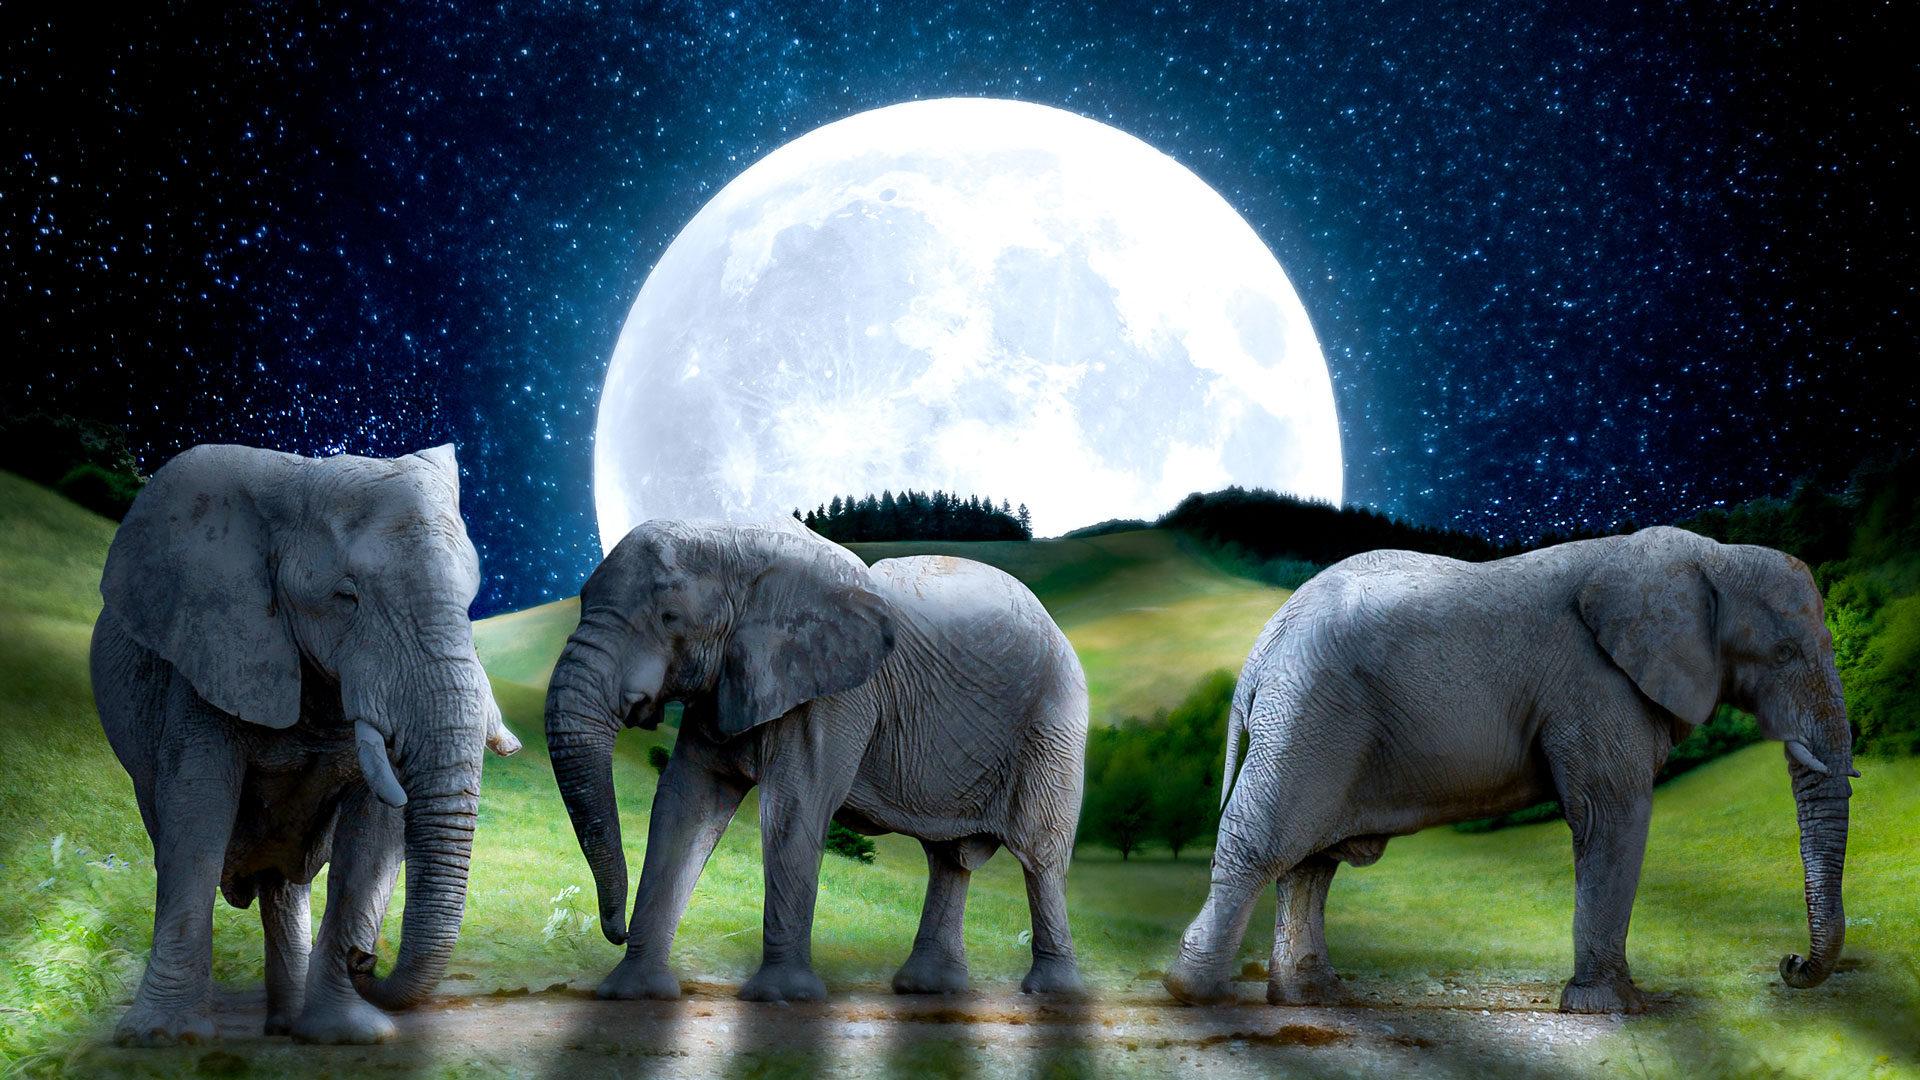 פוטומניפולציה פילים לאור ירח בפוטושופ 1